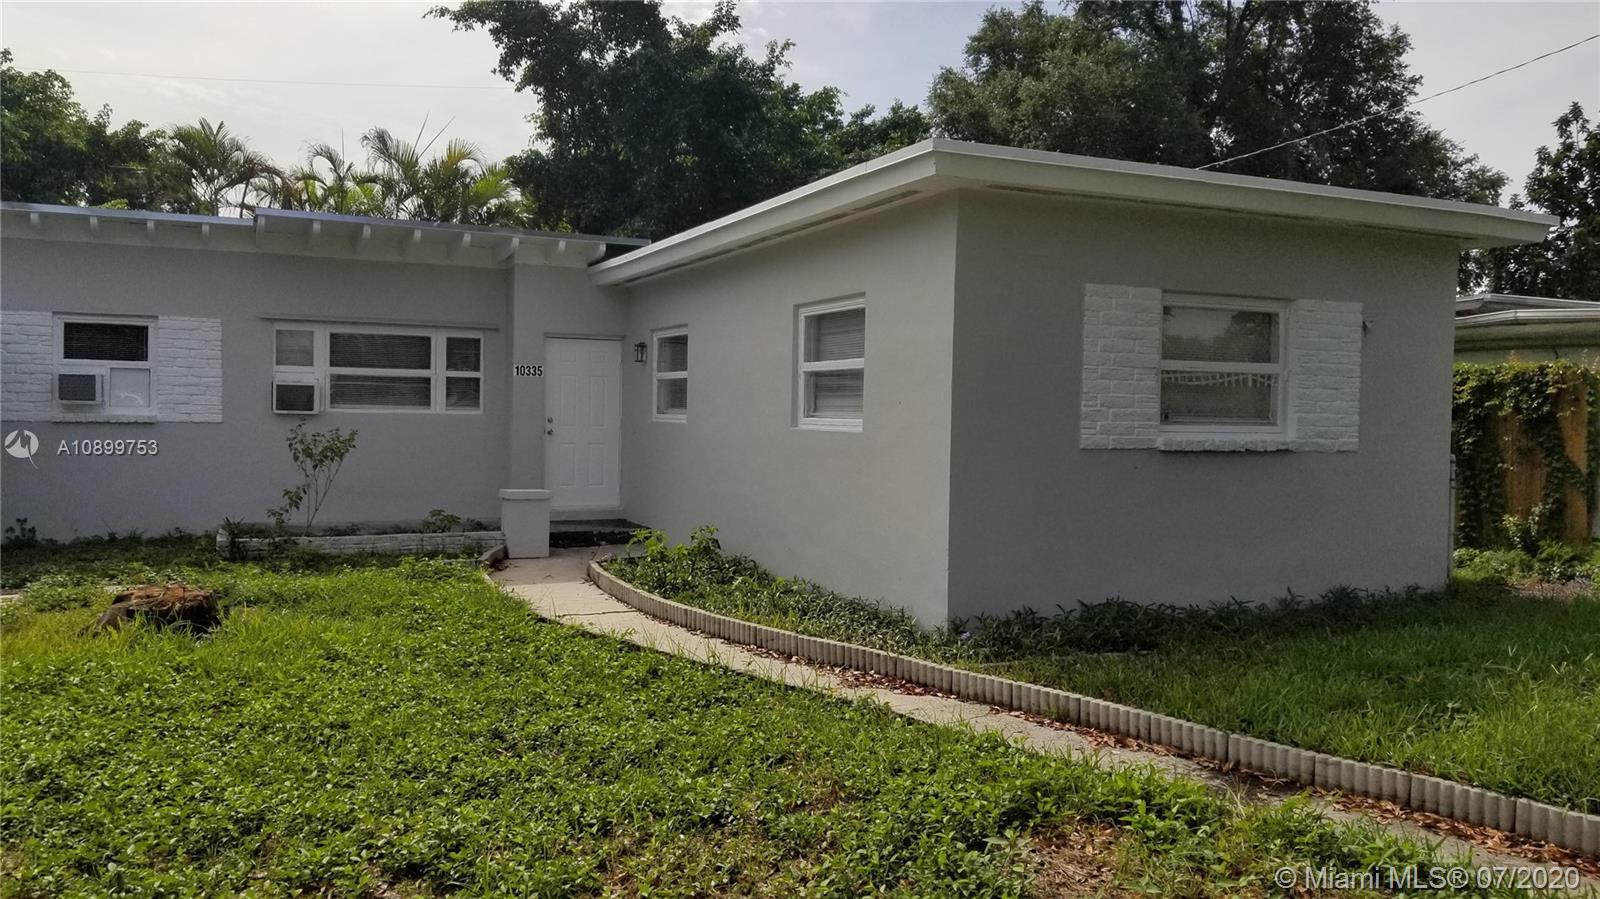 Miami Shores #1 - 10335 NW 2nd Ct #1, Miami, FL 33150